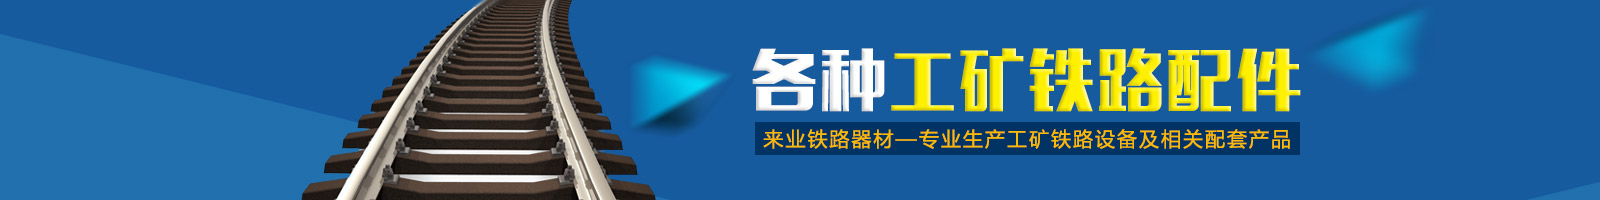 邯郸市来业铁路器材销售有限公司